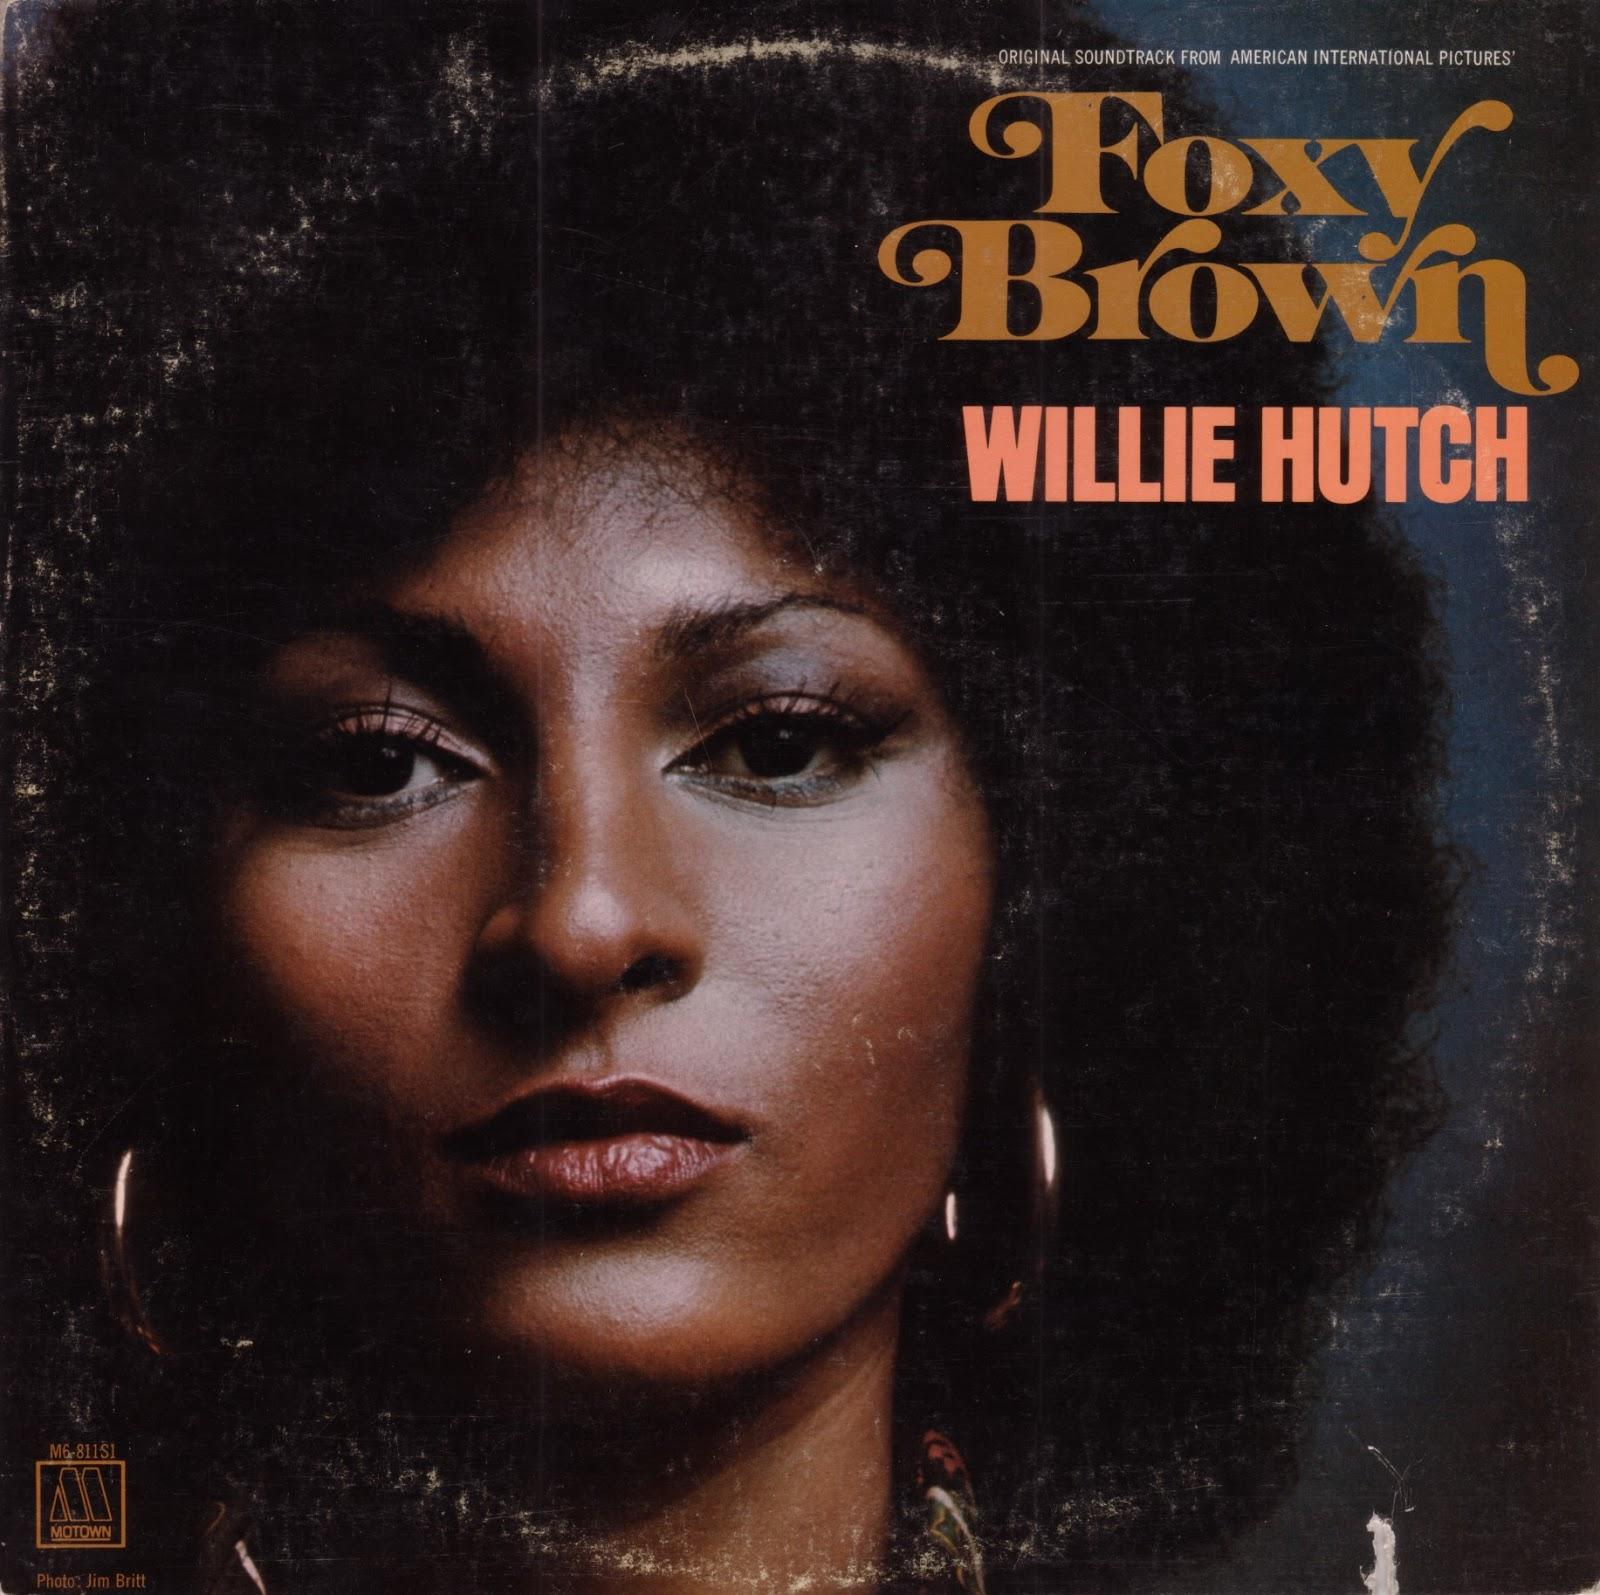 Willie Hutch Foxy Brown